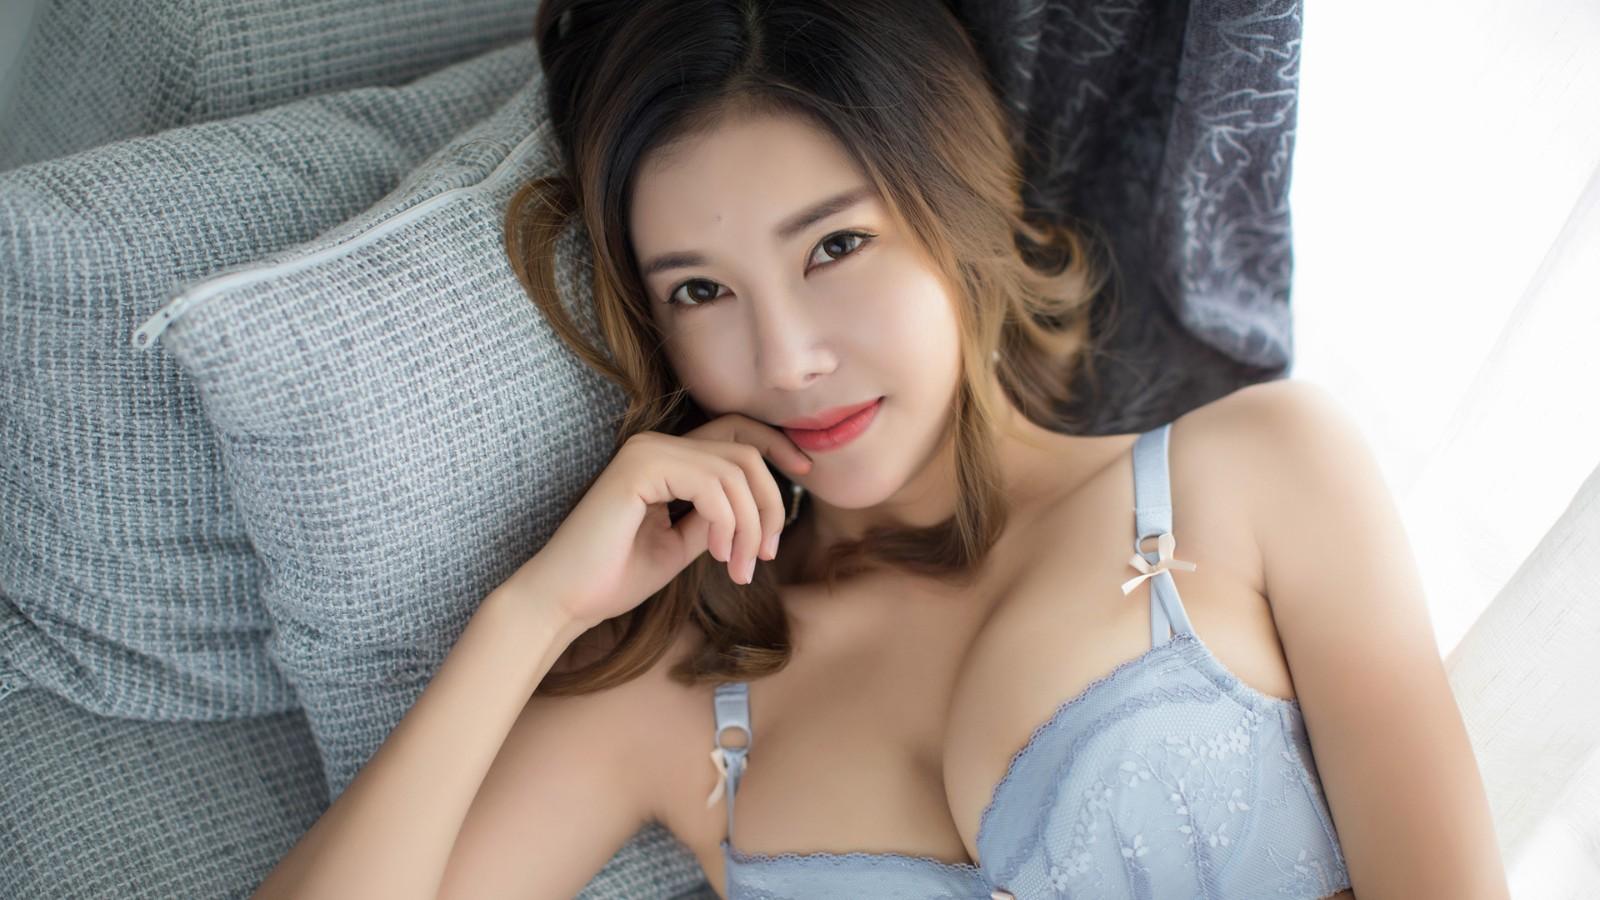 依依Yiyi大胸美女壁纸